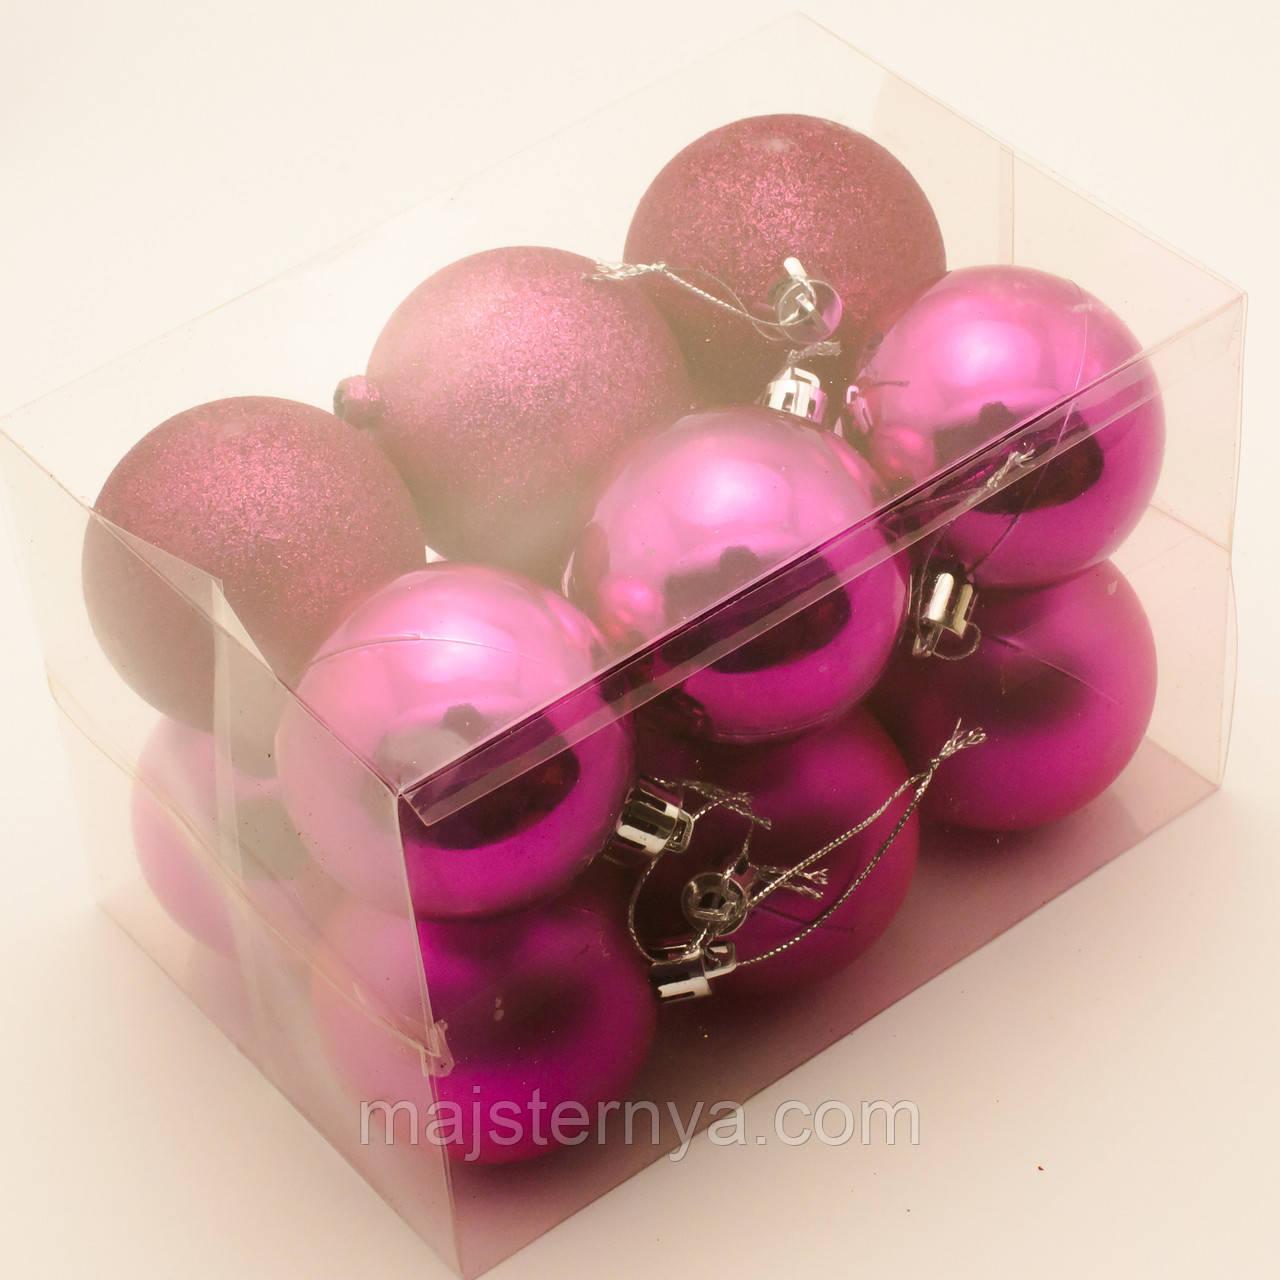 Новогодние шары на елку 6см (12шт в упаковке) цвет фуксия